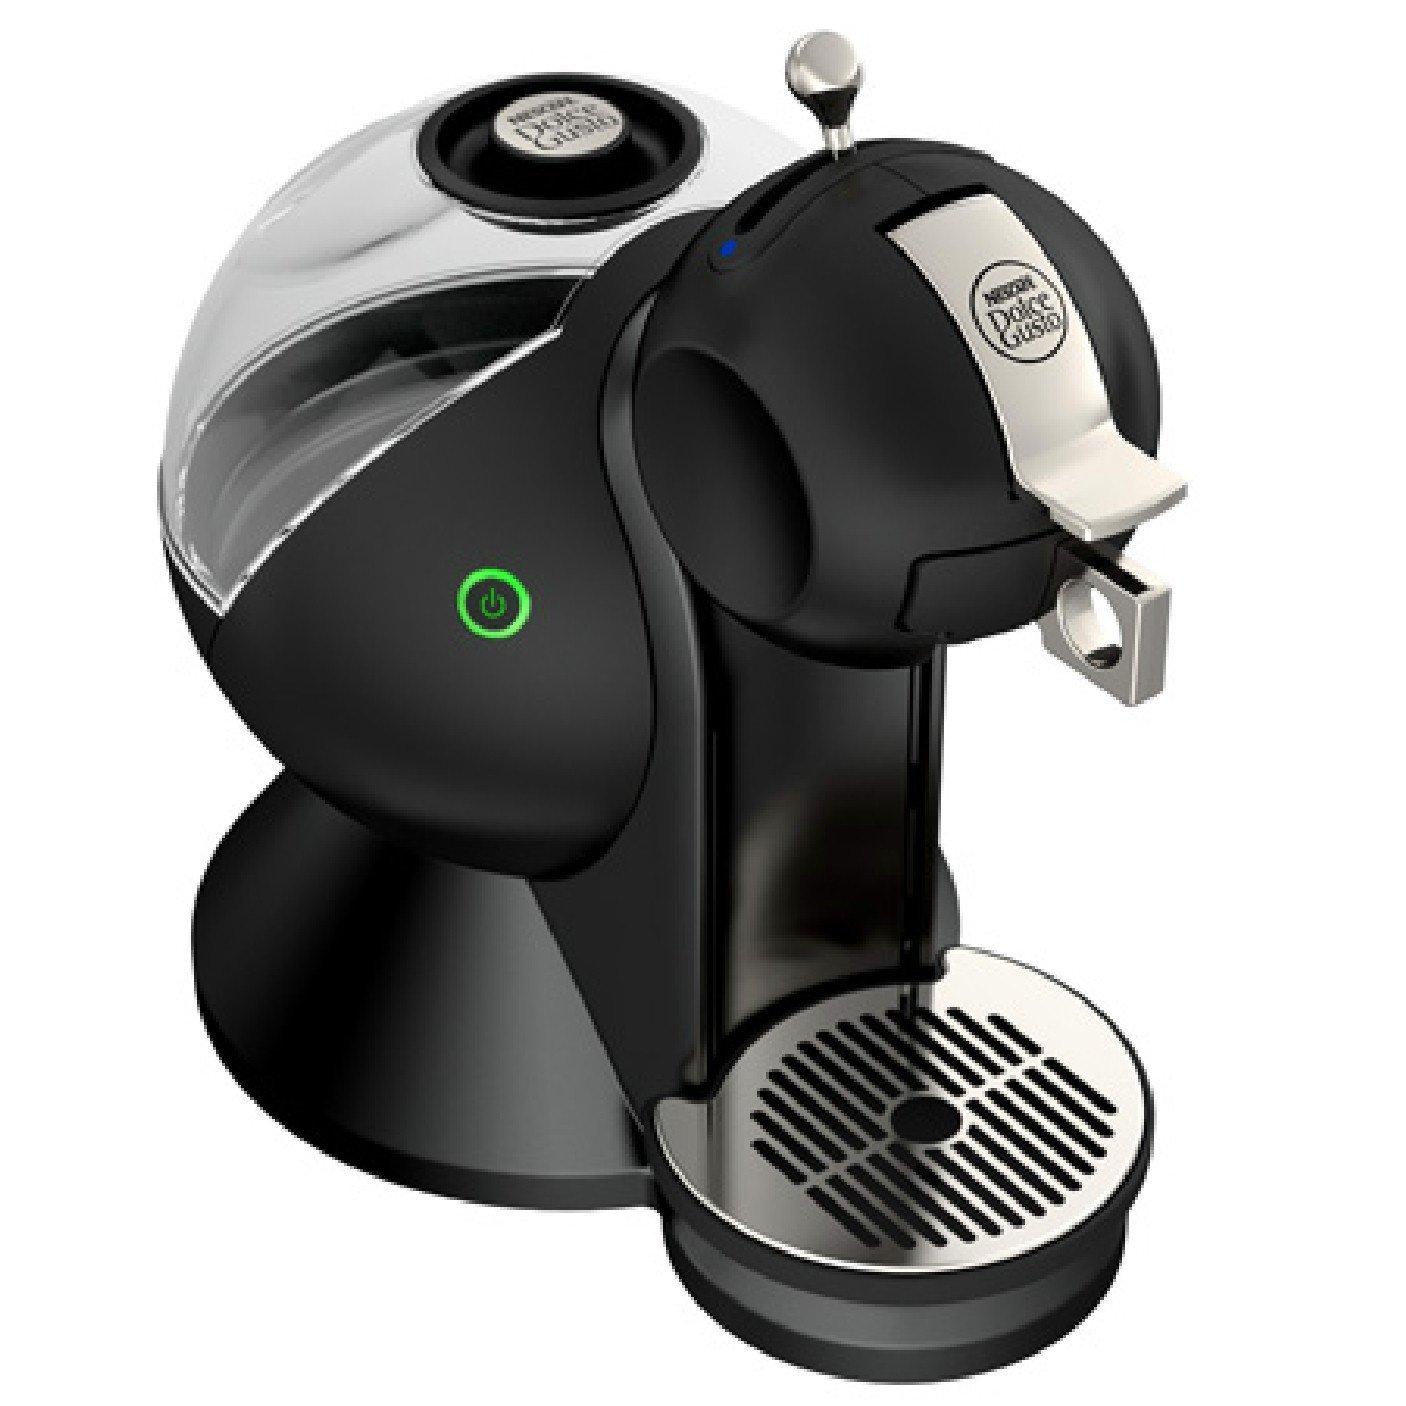 Coffee Brew Heaven Best Espresso Machine Under 200 2018 Top 5